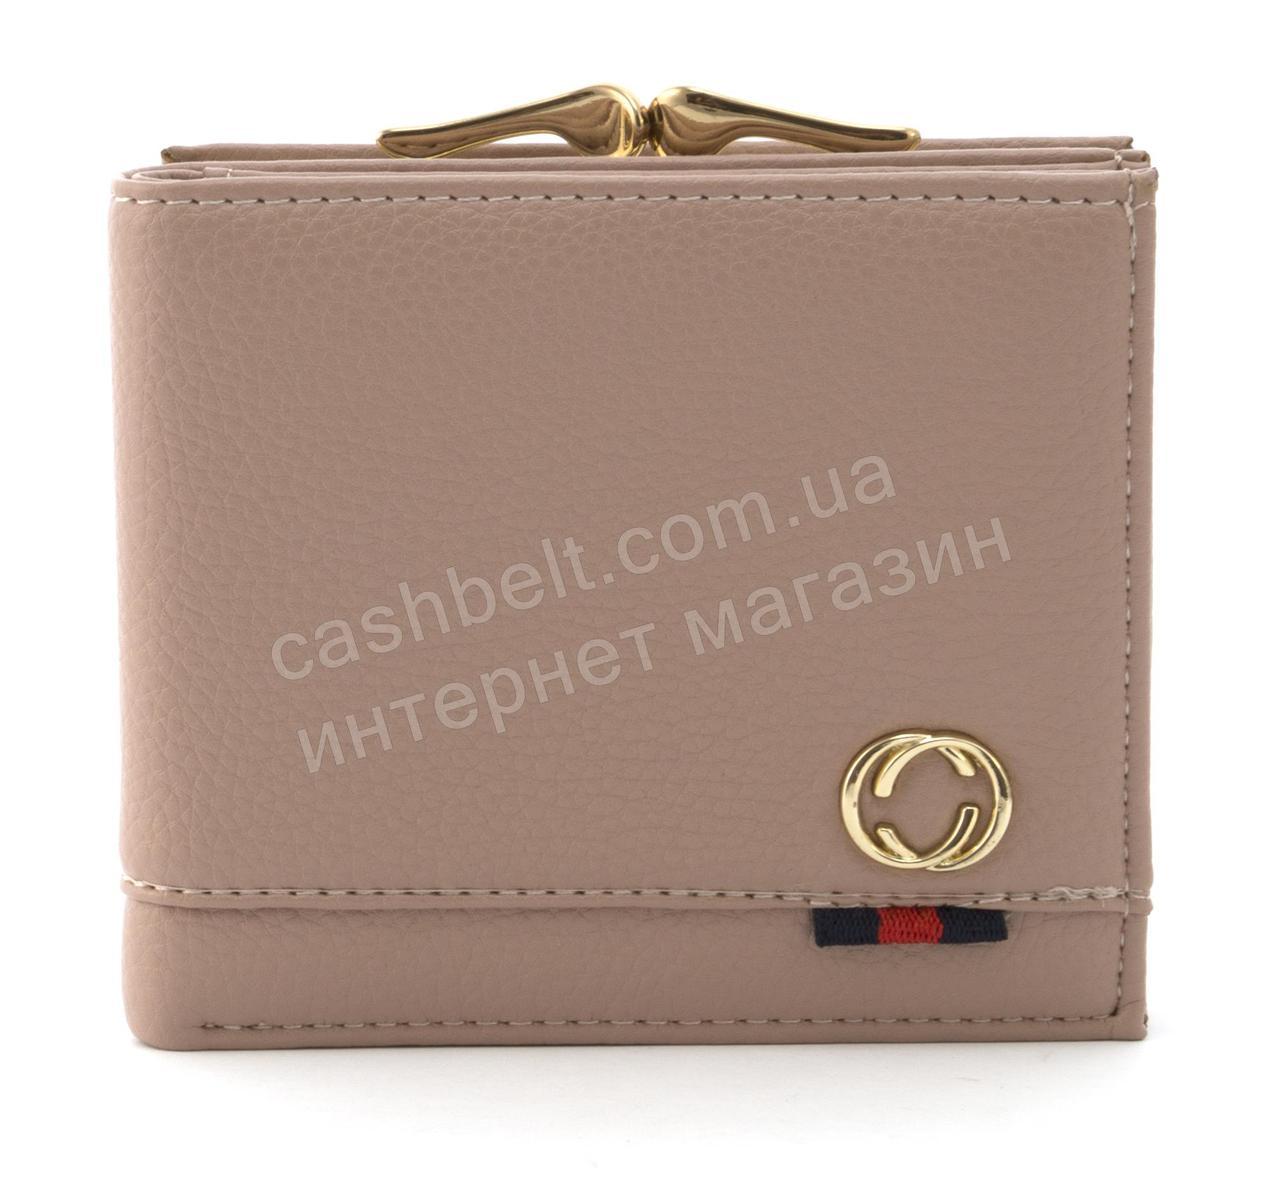 Женский компактный многофункциональный вместительный кошелек TAILIAN art. T7177-012 розовый